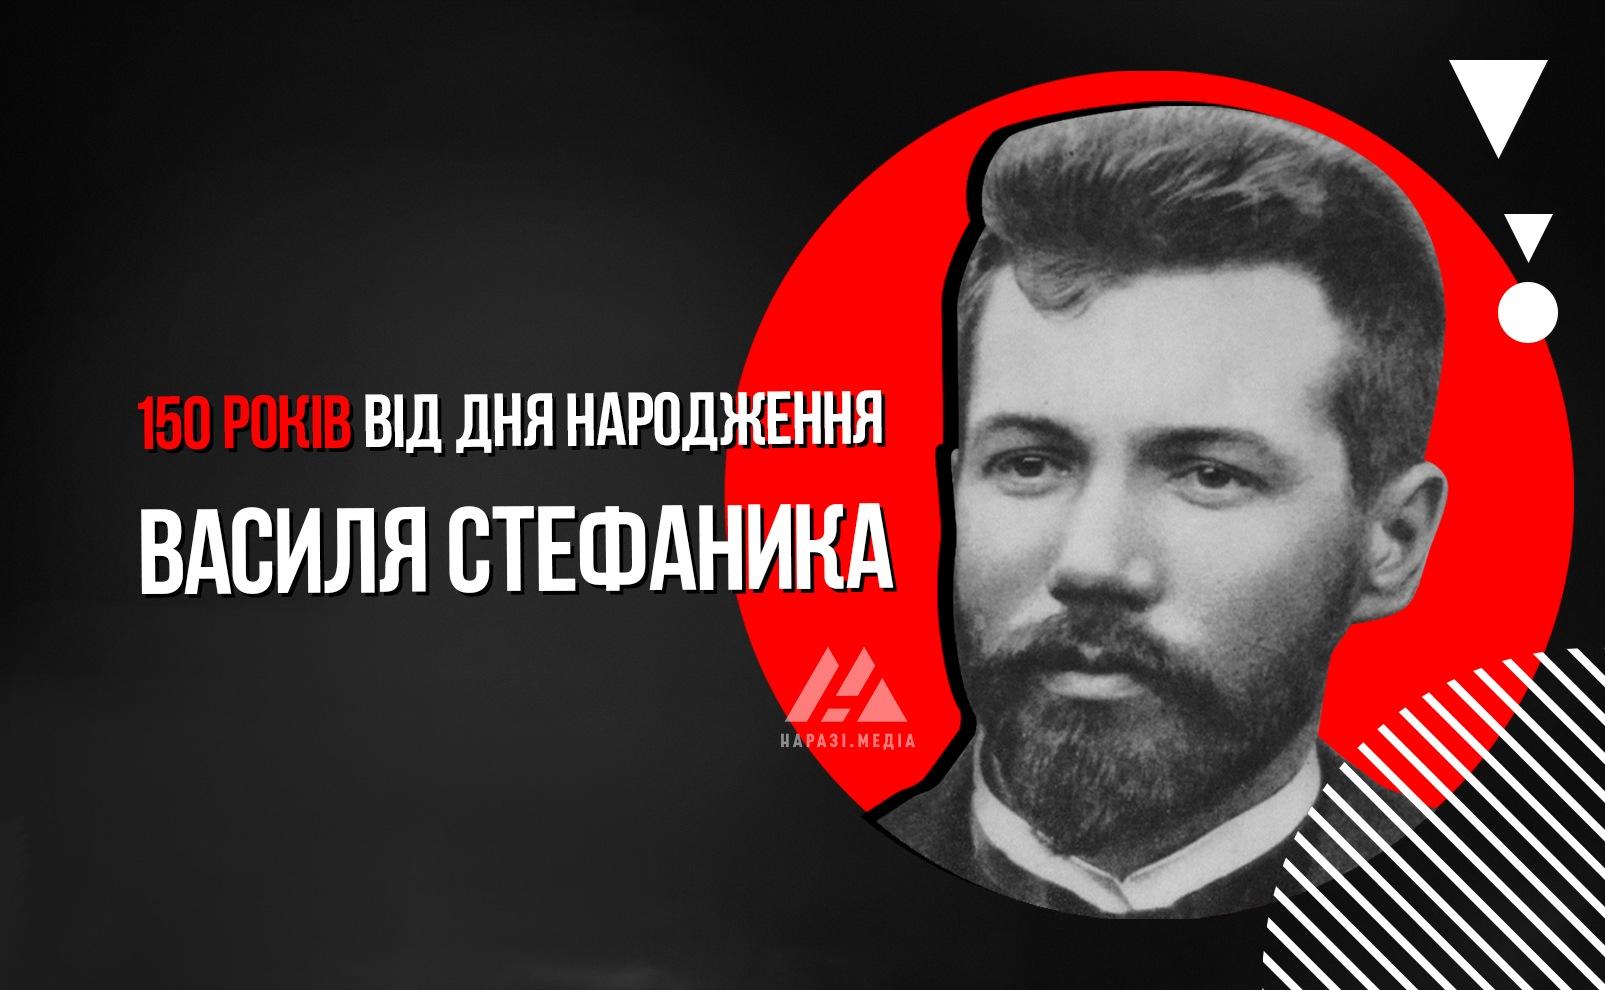 150 років від дня народження Василя Стефаника